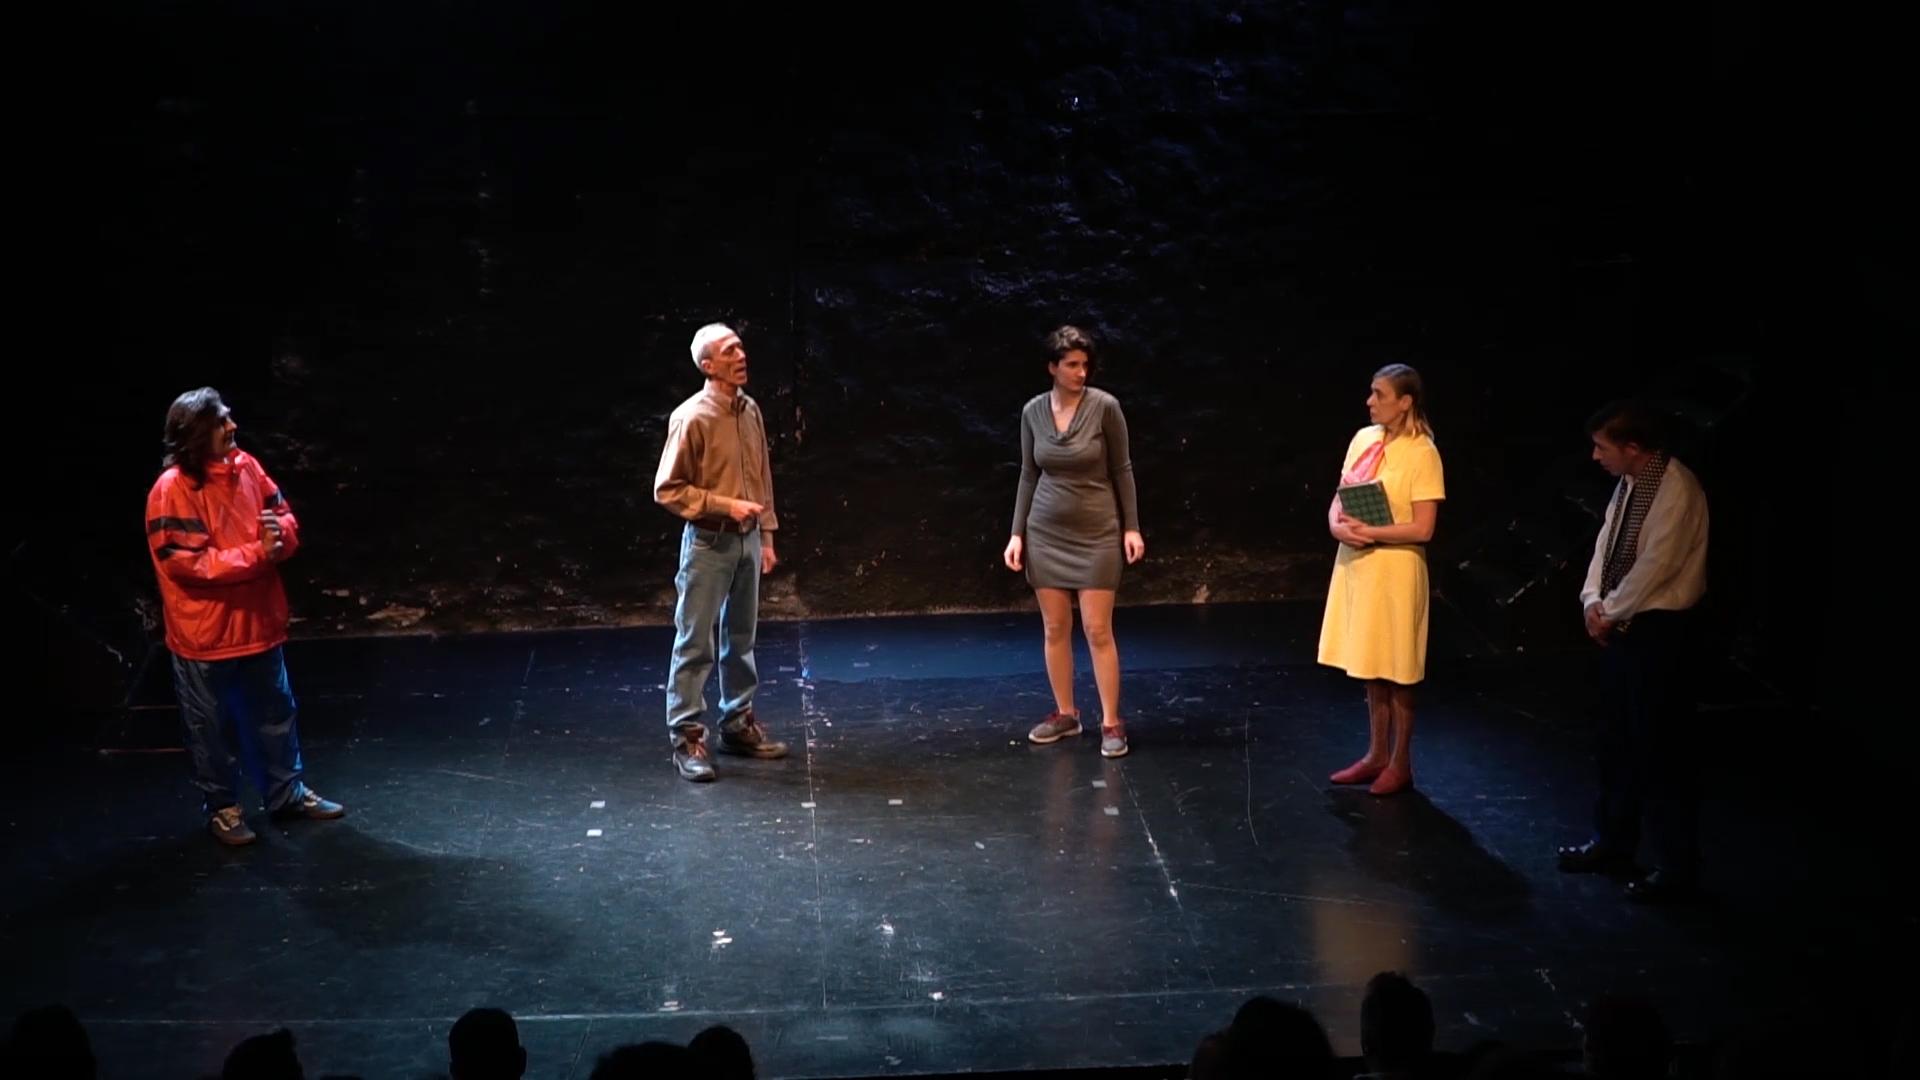 «Ο Θίασος ταξιδεύει για...μια Πετρόσουπα» με τη θεατρική ομάδα αστέγων Walkabout